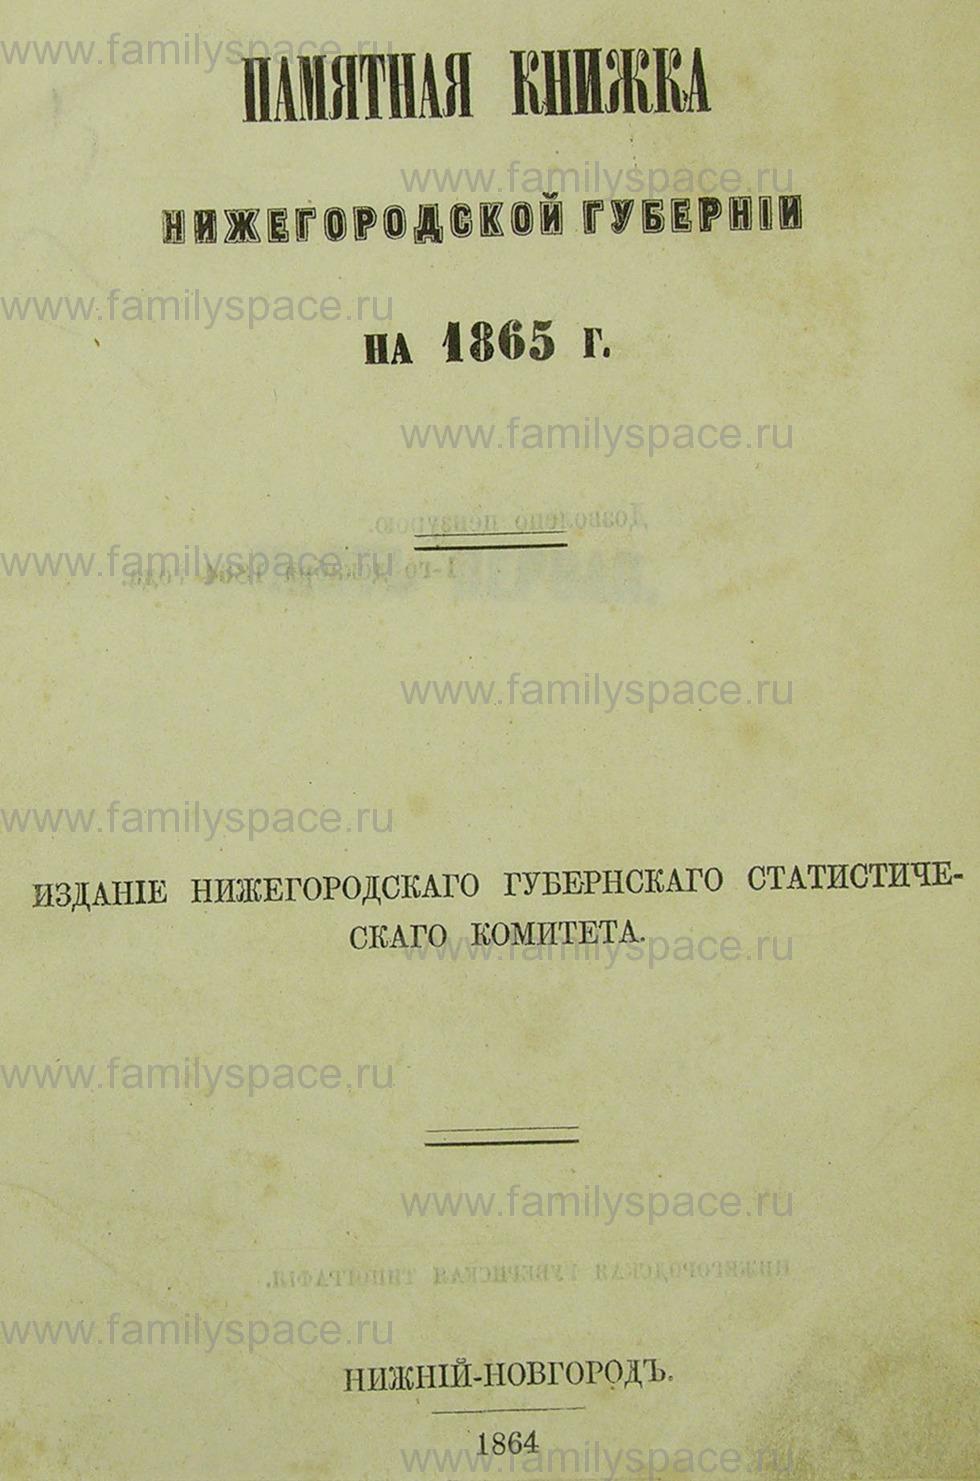 Поиск по фамилии - Памятная книжка Нижегородской губернии на 1865 год, страница -2